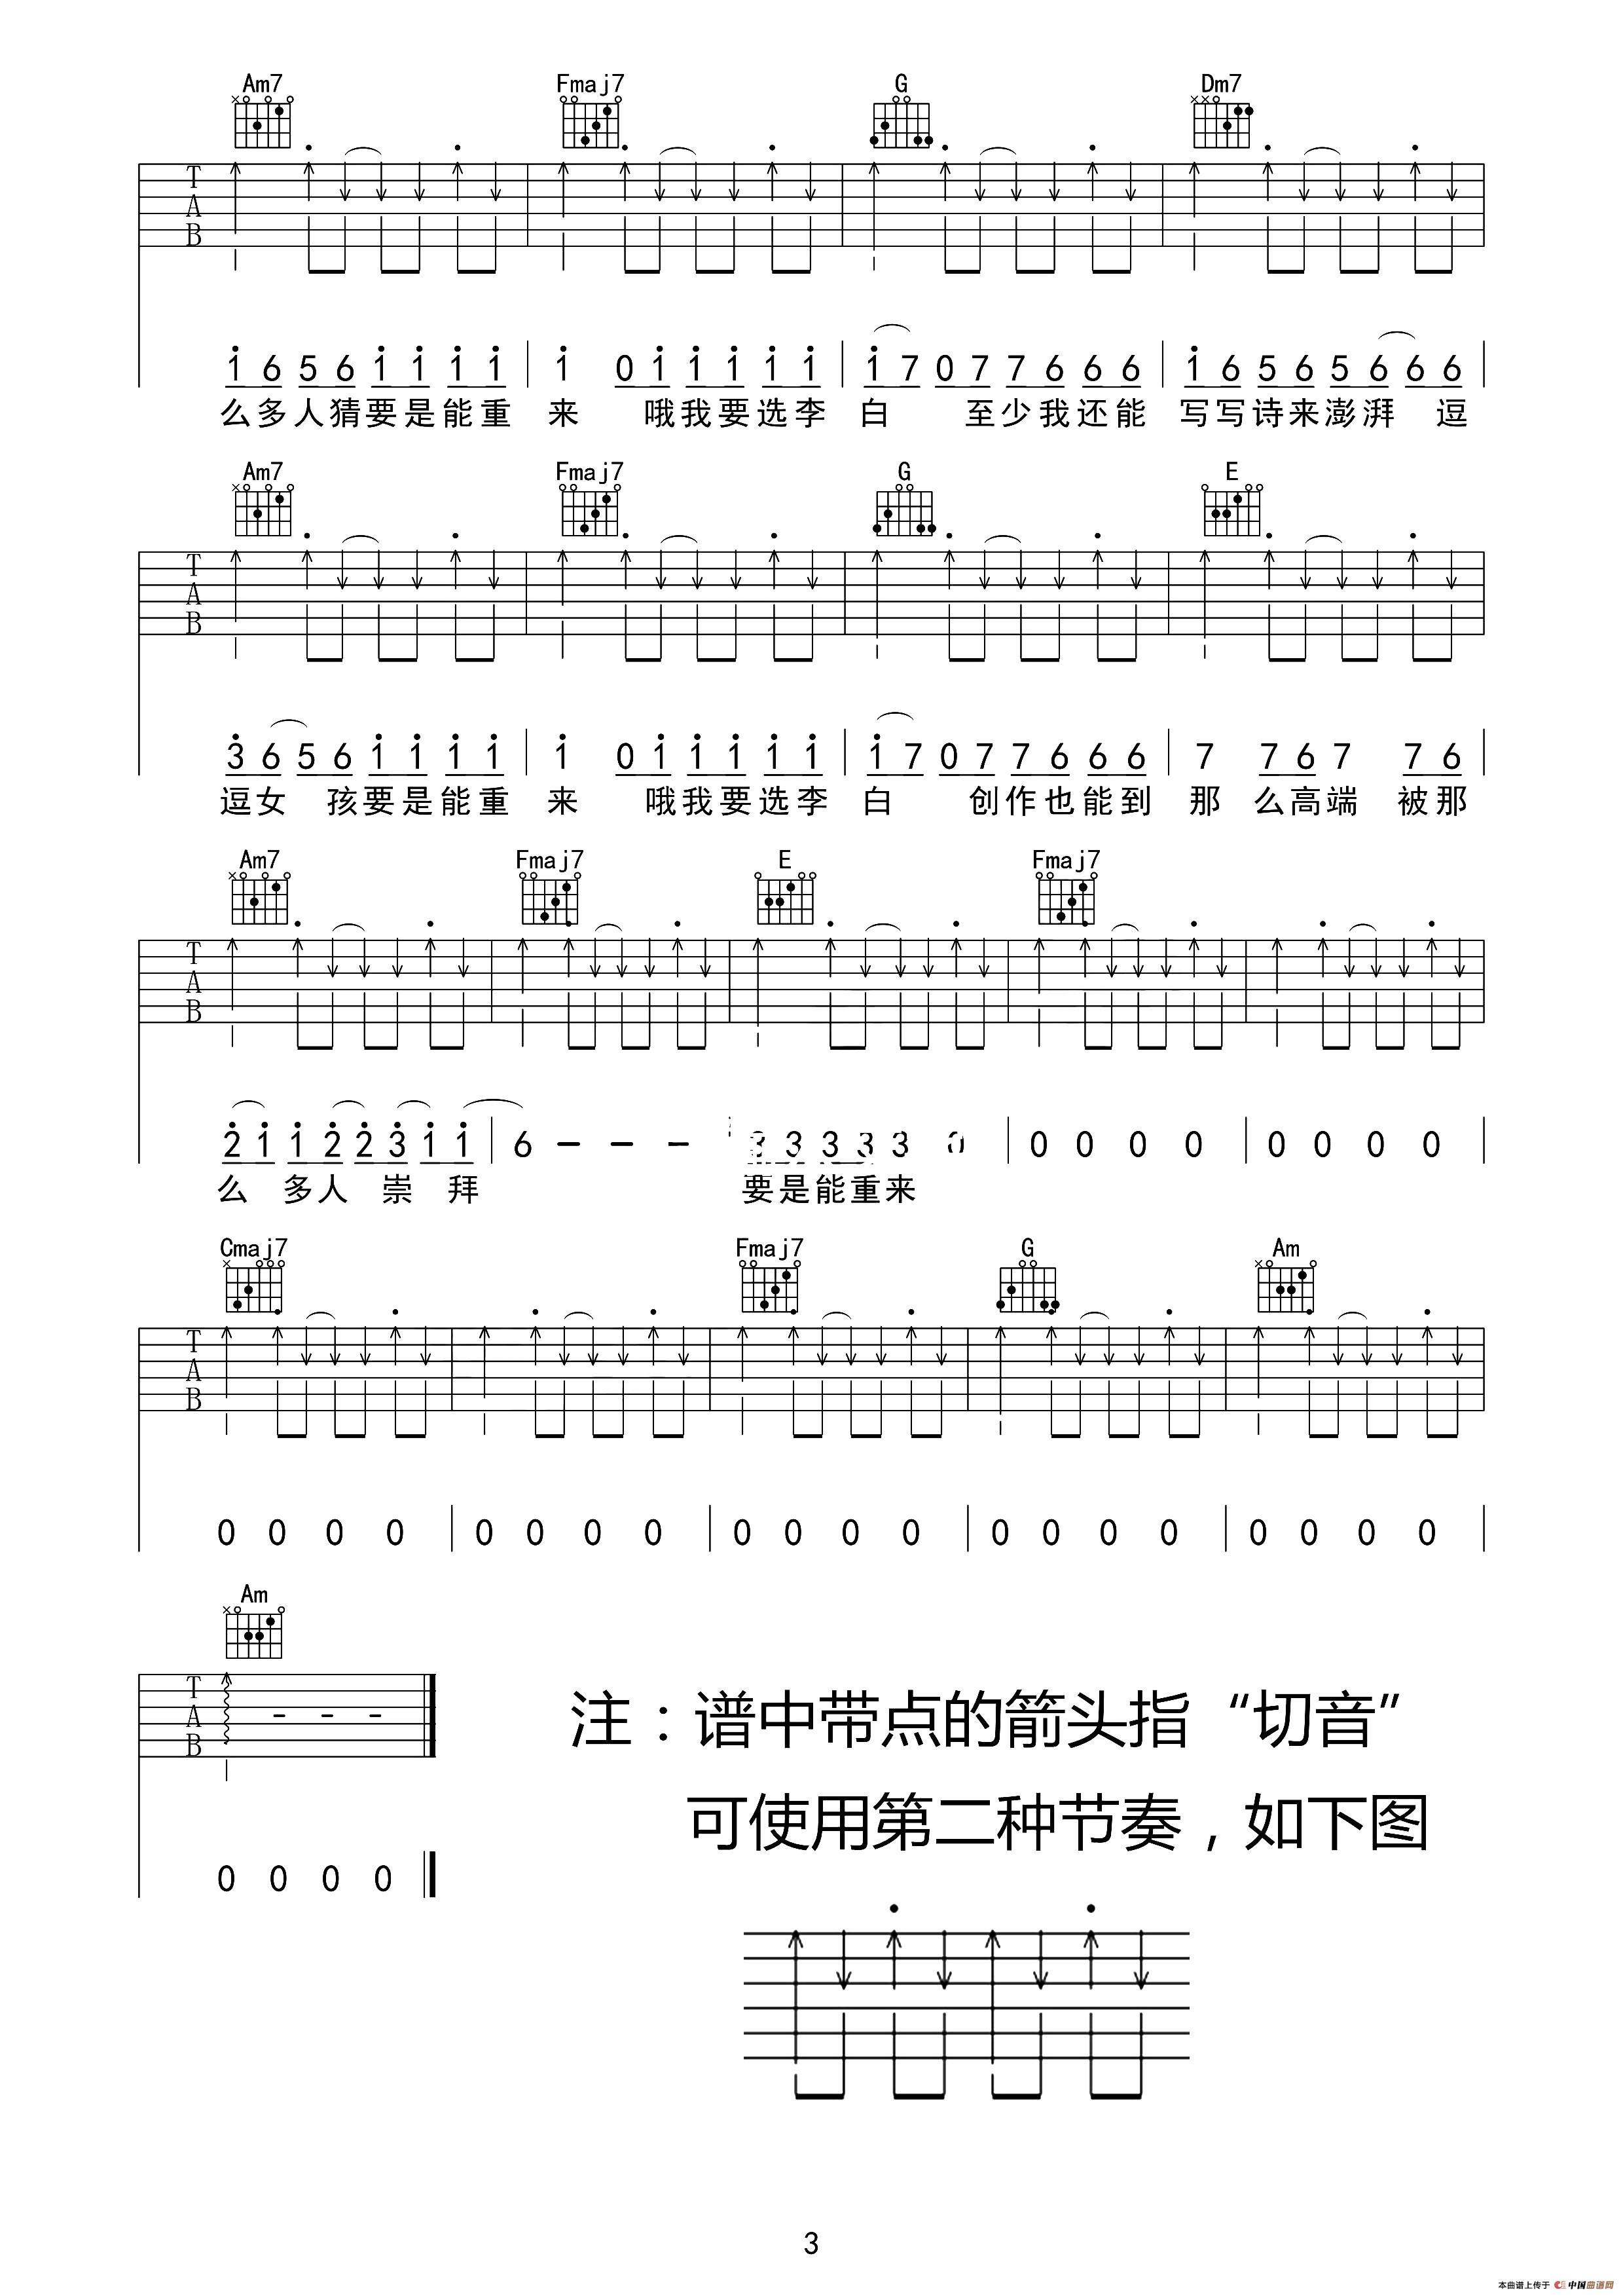 李白简谱 吉他六线谱 简单吉他个人制谱园地 中国曲谱网